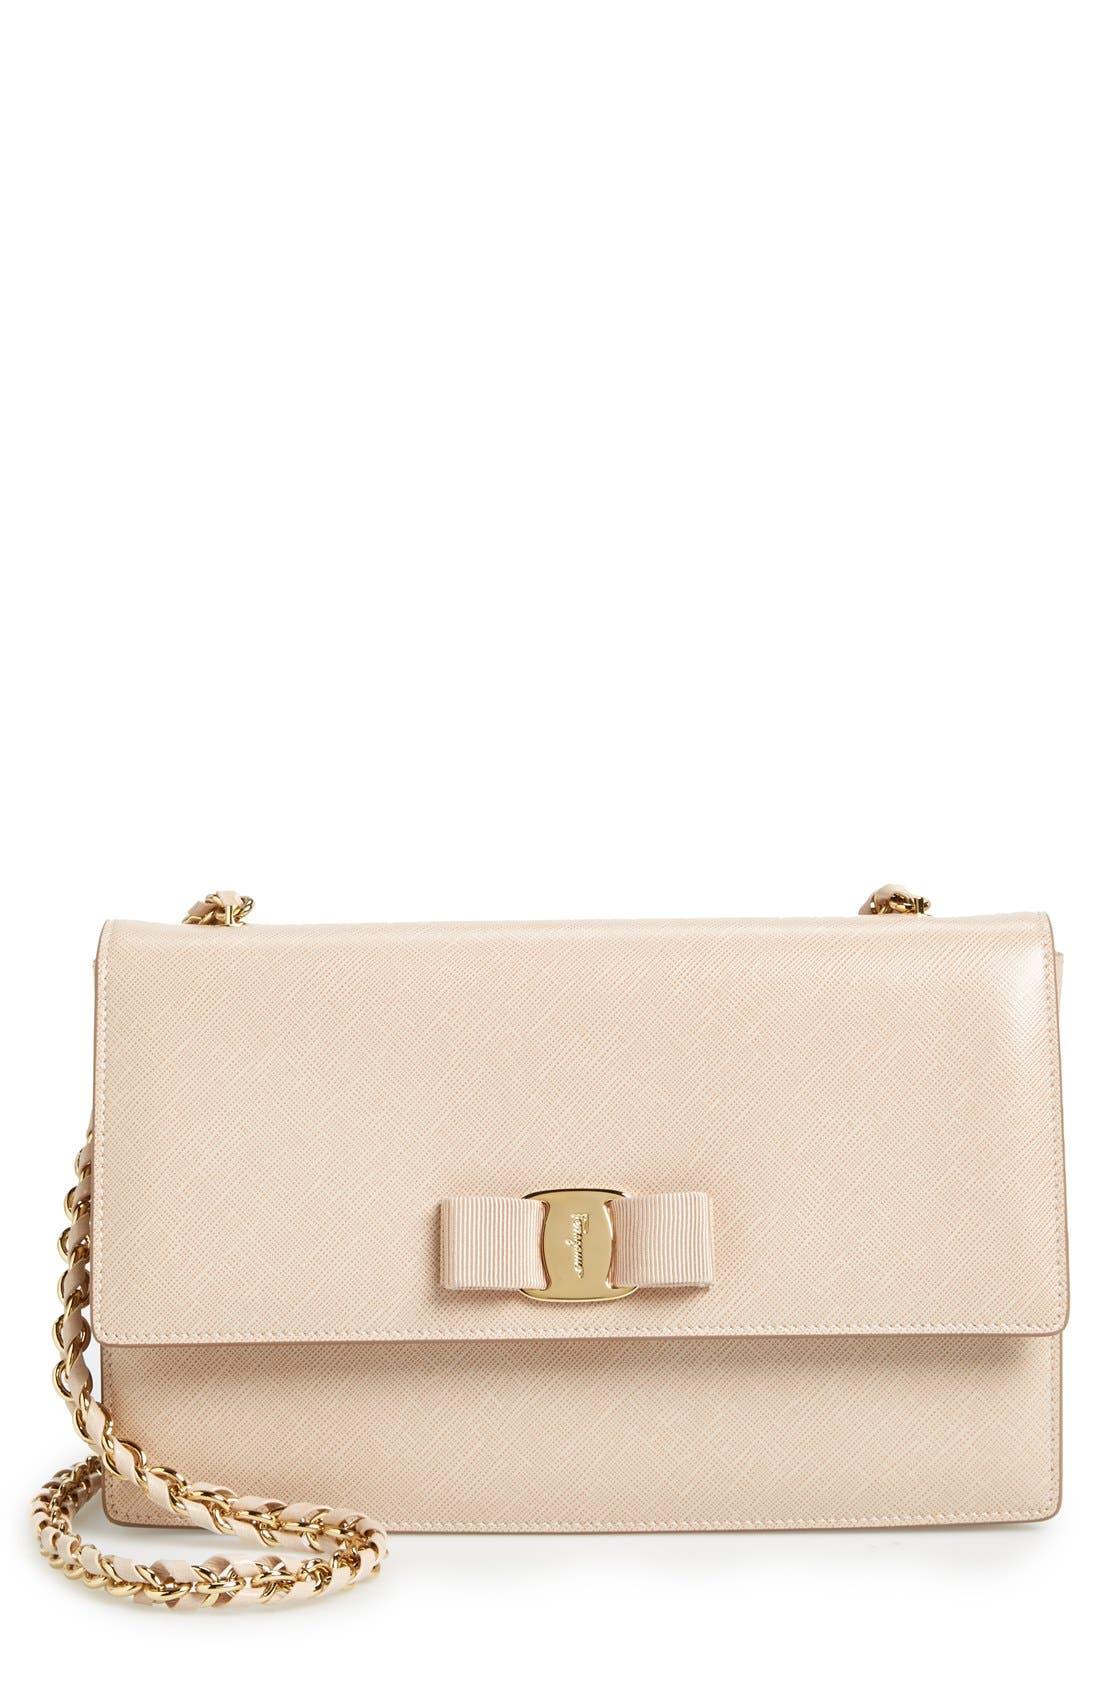 Saffiano Leather Shoulder Bag,                             Main thumbnail 1, color,                             250